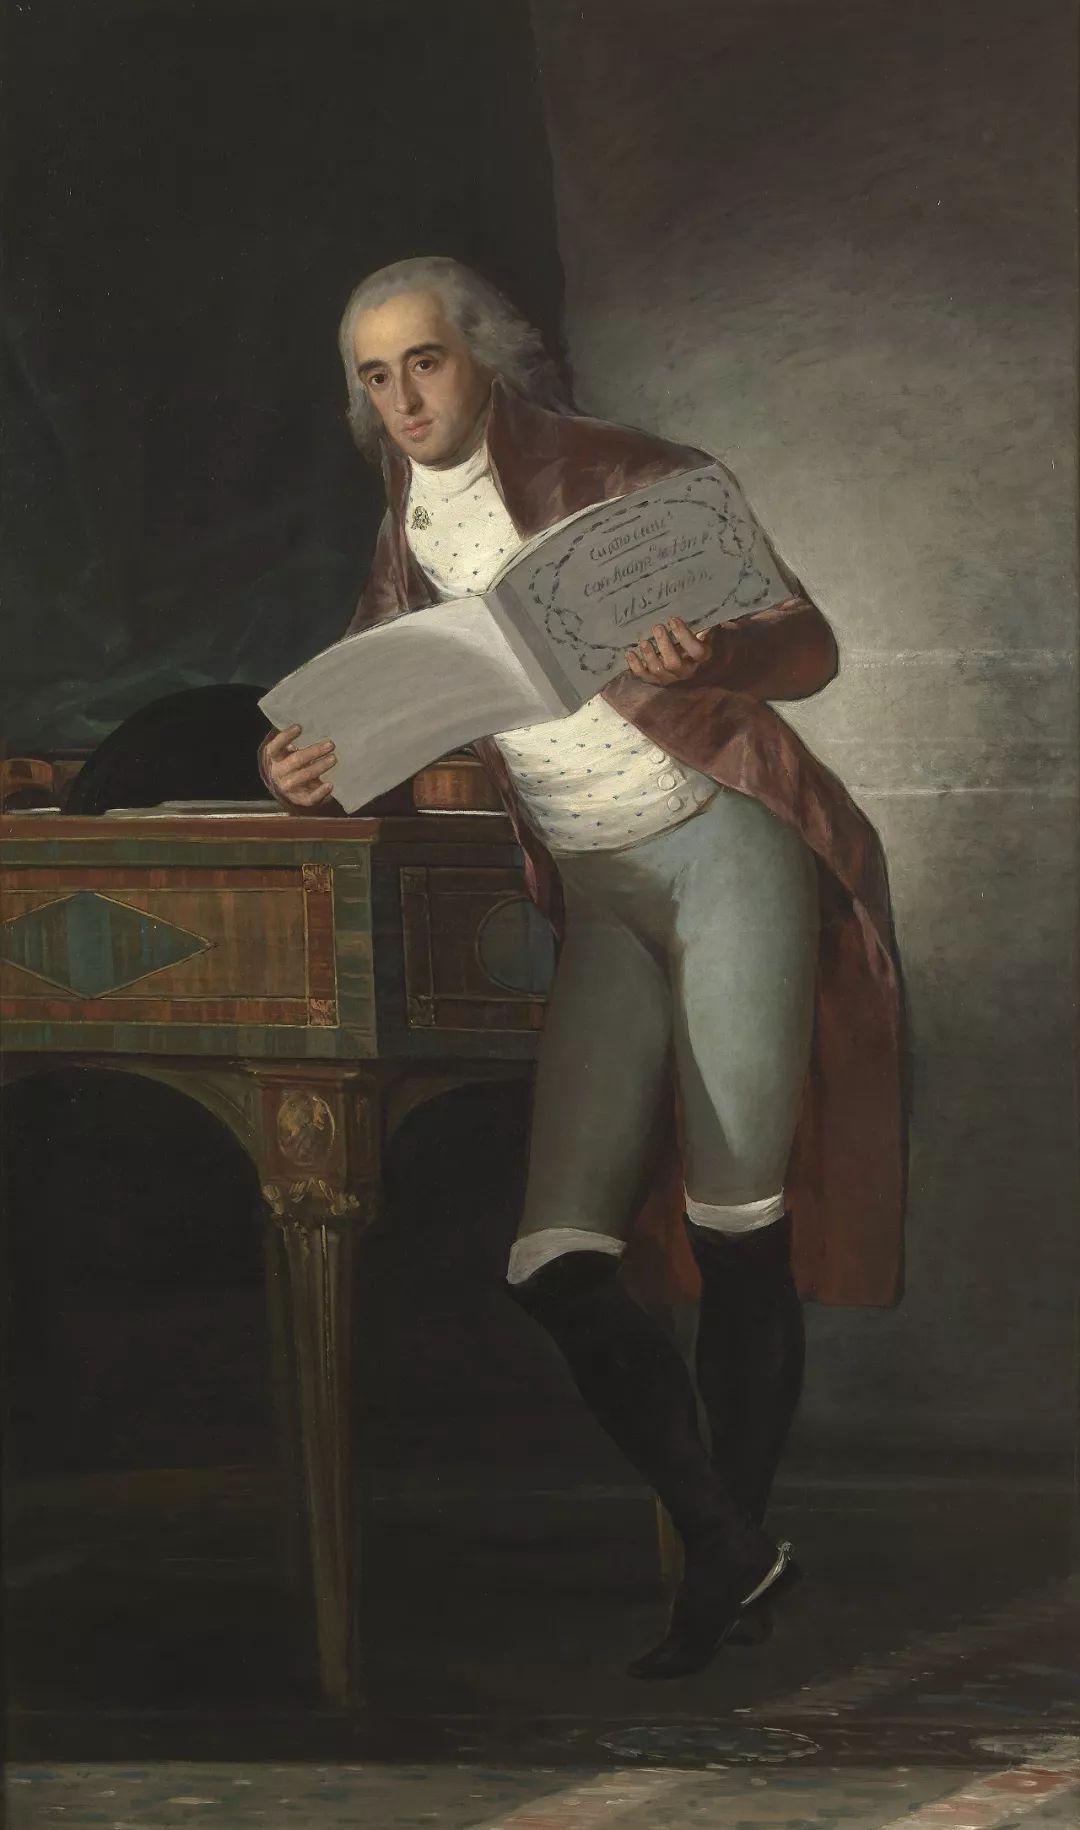 画风奇异的天才戈雅,画作震撼,他被称为浪漫主义最后的大师!插图163